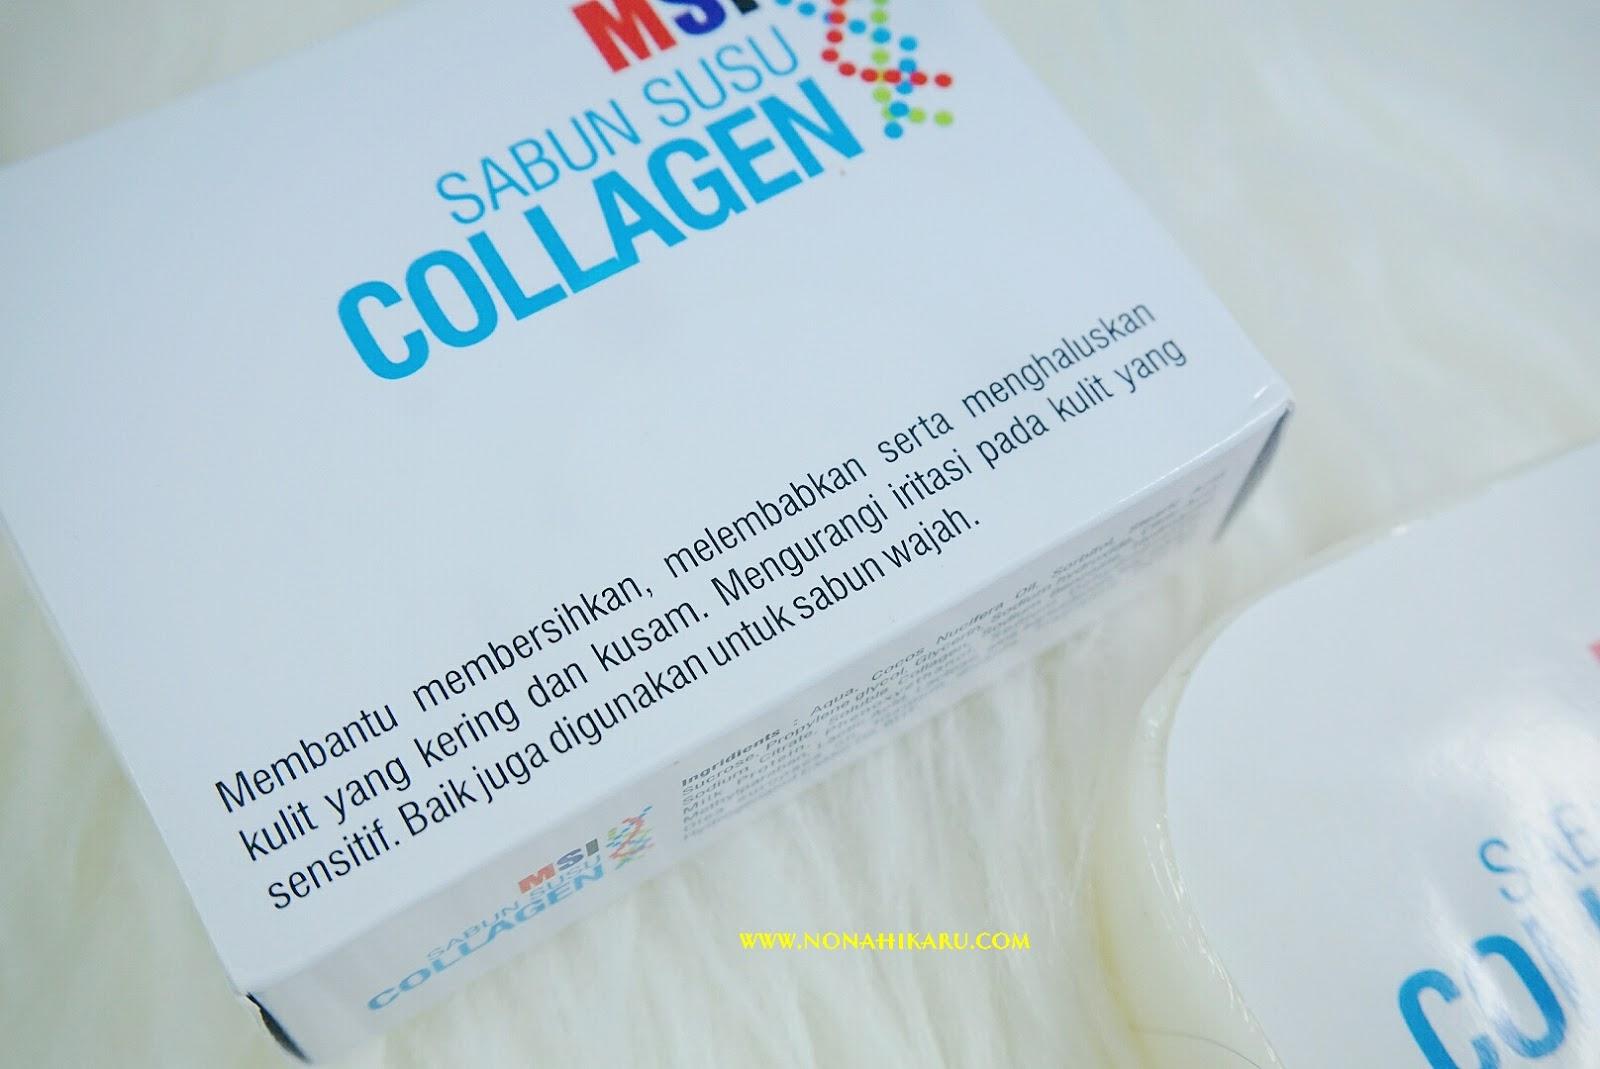 Review Msi Skincare Multy Spray Collagen Fruit Serum Dan Produk Herbal Sabun Kologen Sayangnya Gak Ada Yang Special Dari Kemasan Ini Bentuknya Sama Seperti Batang Pada Umumnya Beratnya 100 Gram Akupun Agak Kurang Suka Dengan